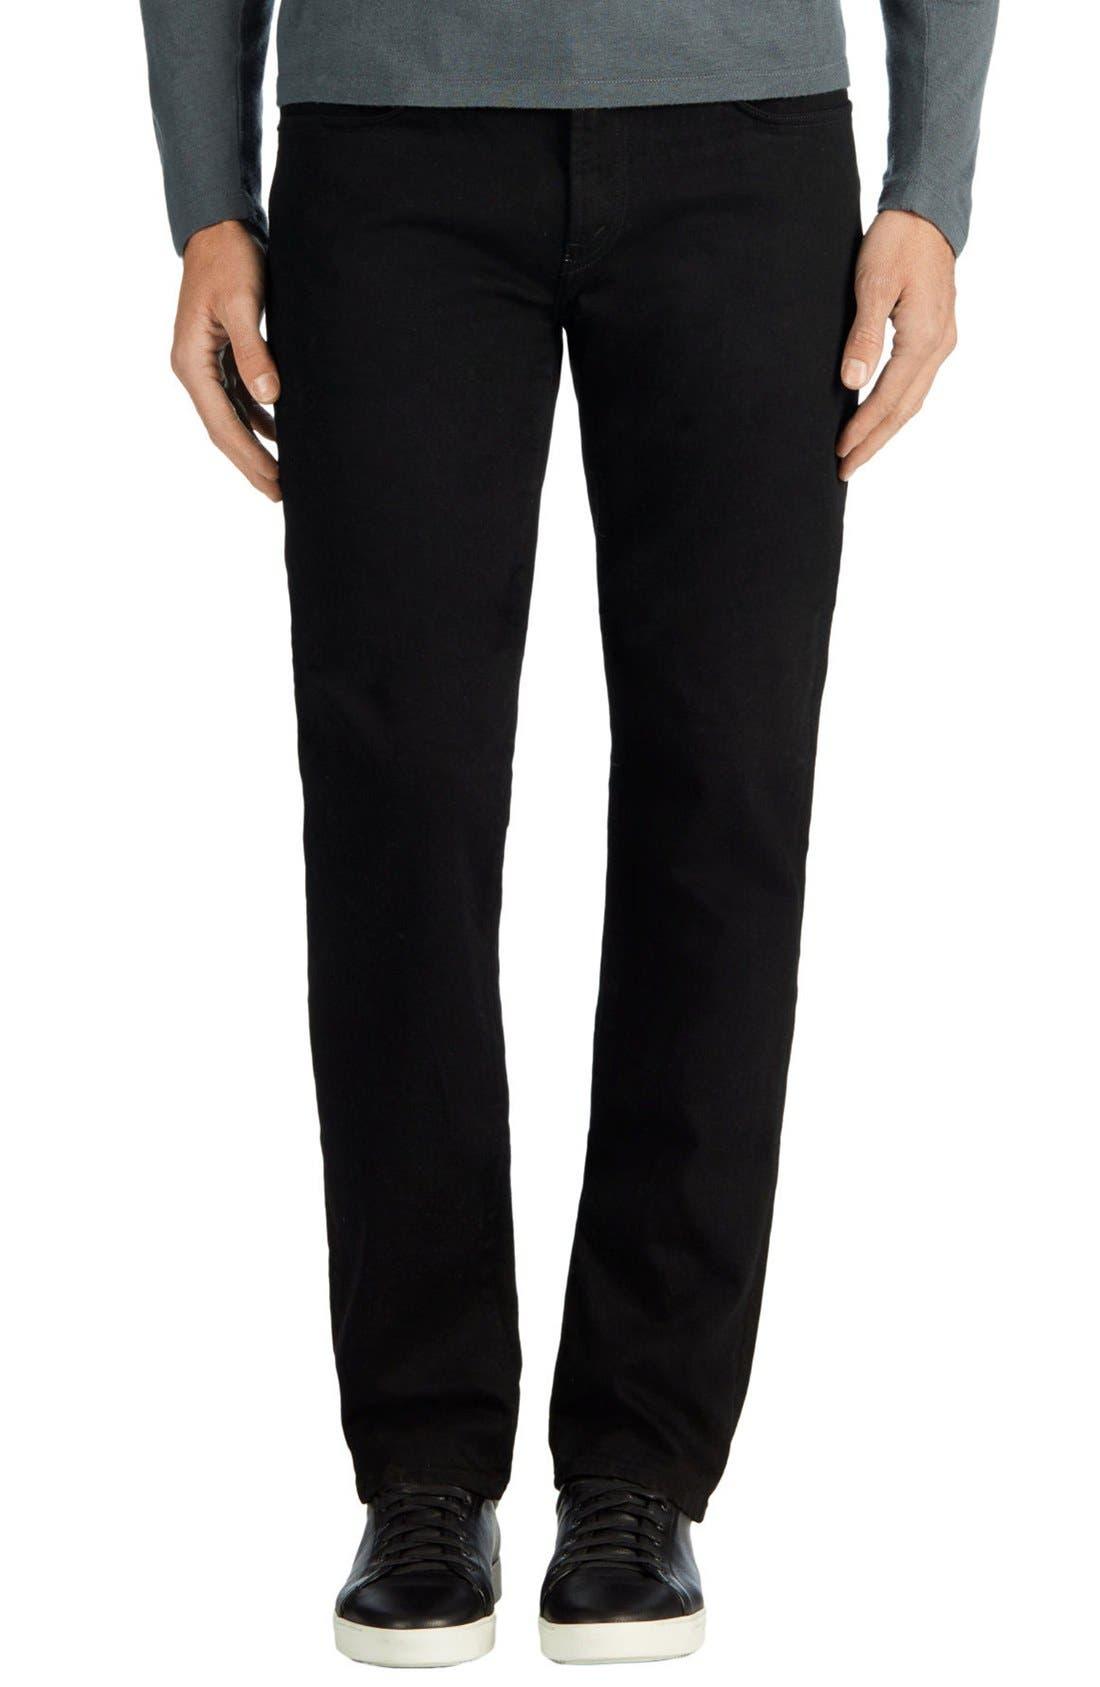 Kane Slim Straight Leg Jeans,                             Alternate thumbnail 8, color,                             TRIVOR BLACK